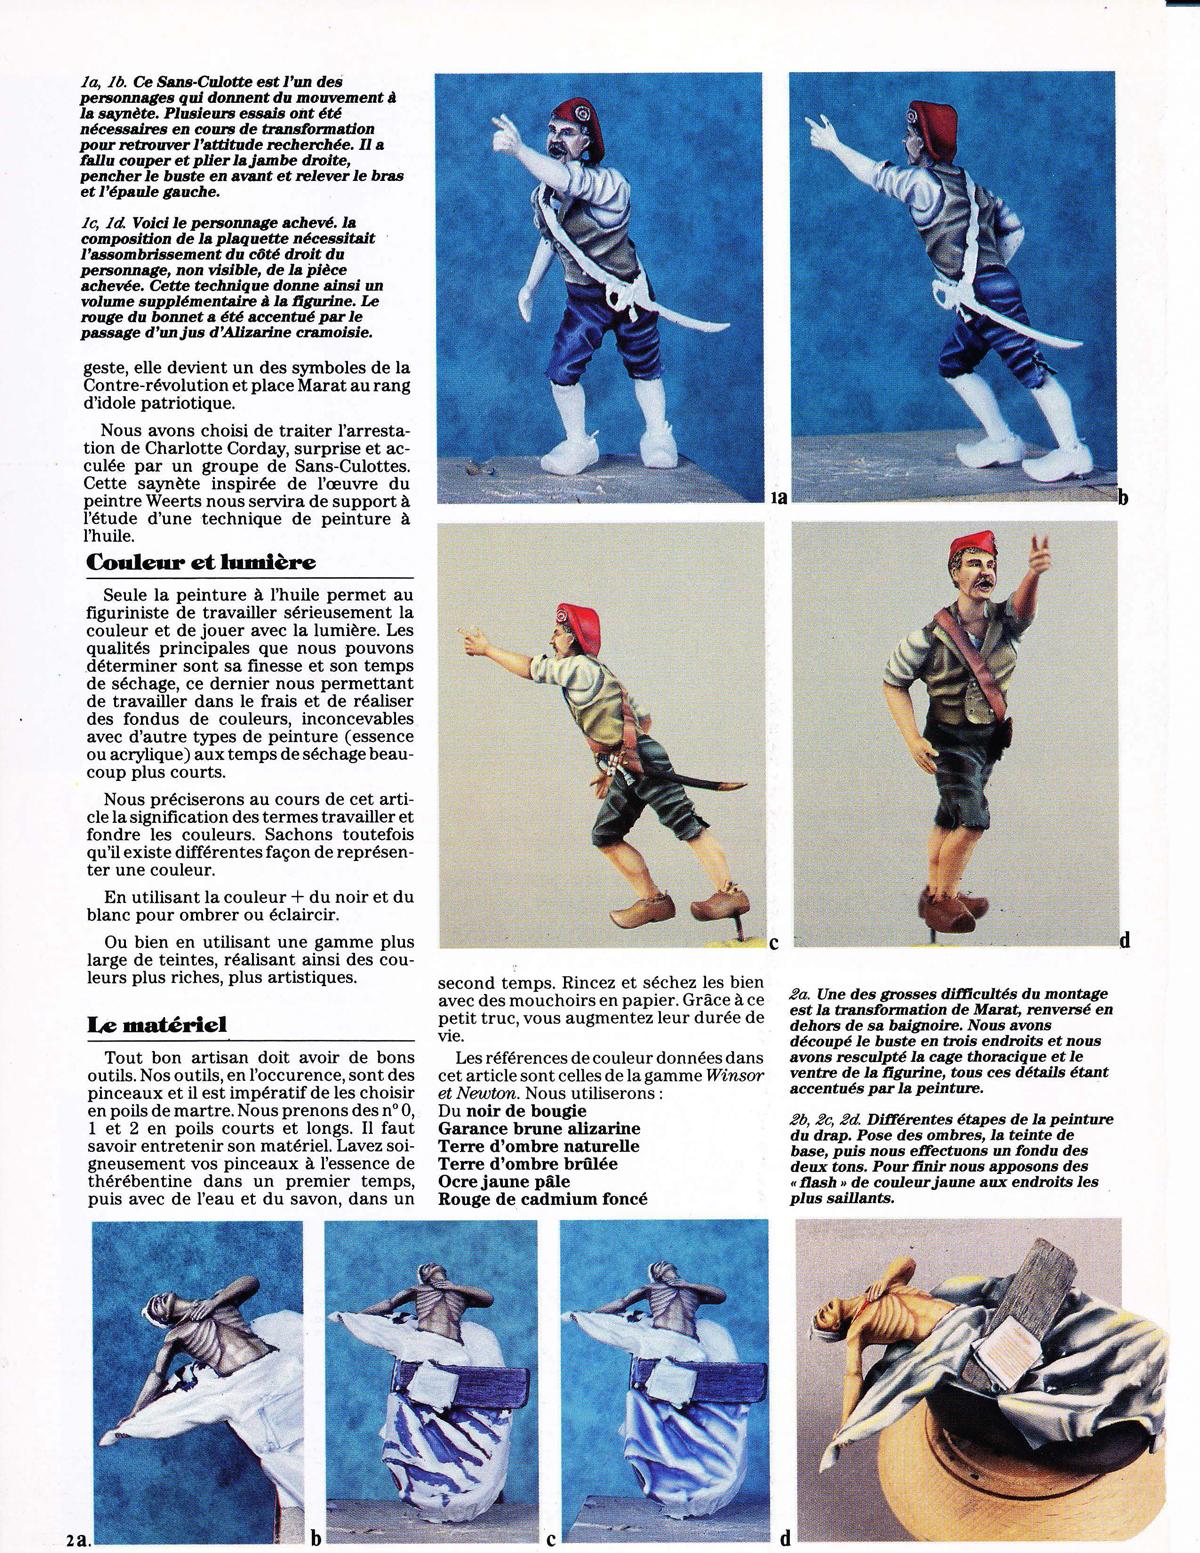 FigurinesMarat2.jpg